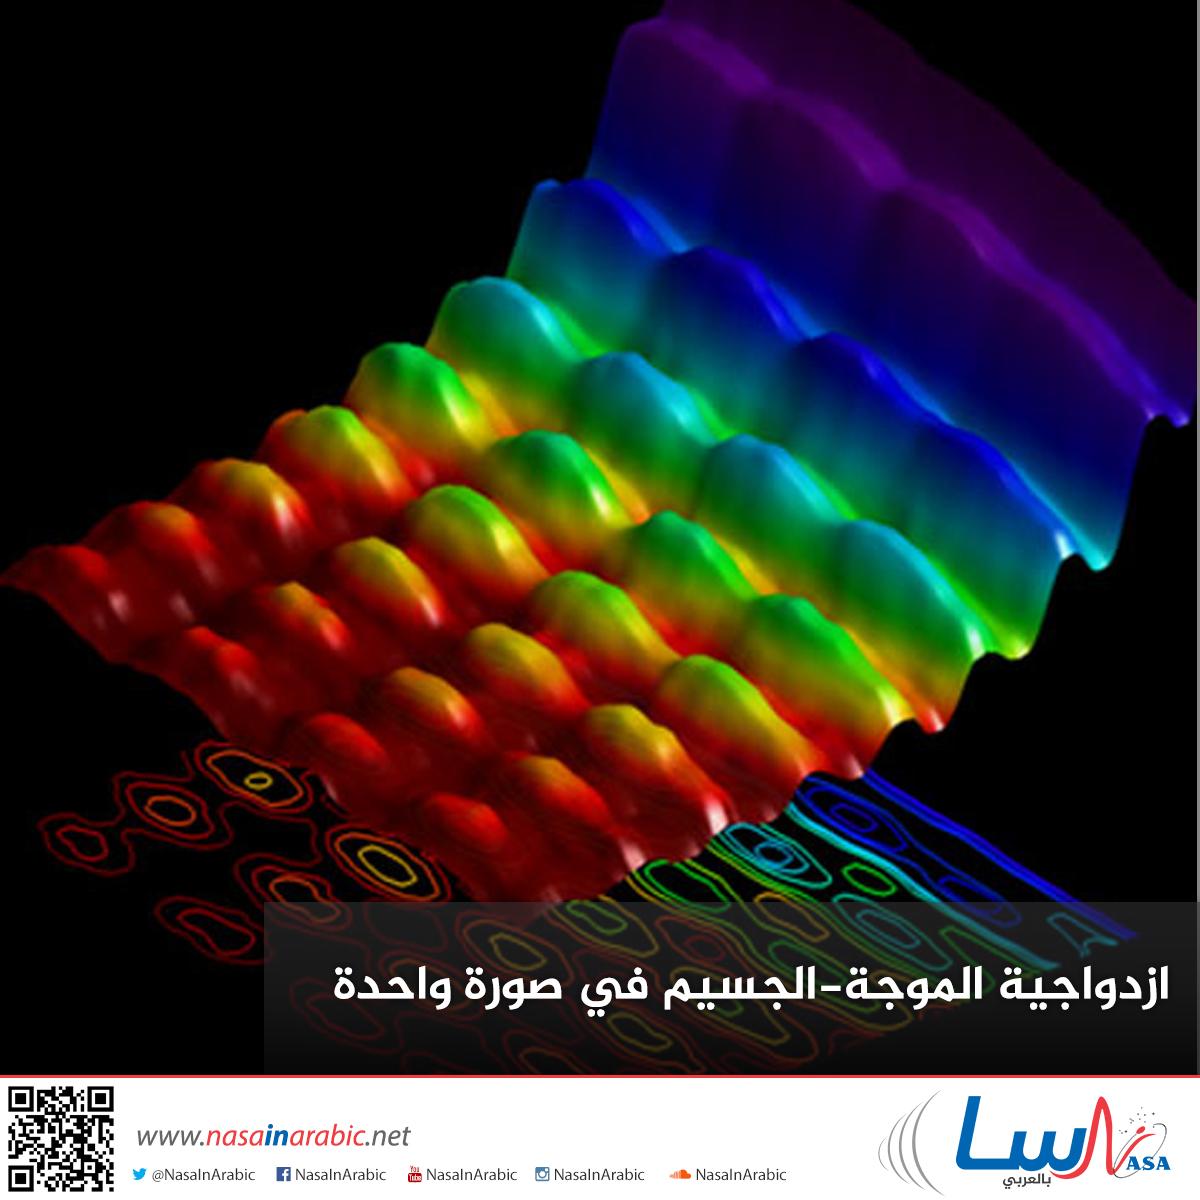 ازدواجية الموجة-الجسيم في صورة واحدة